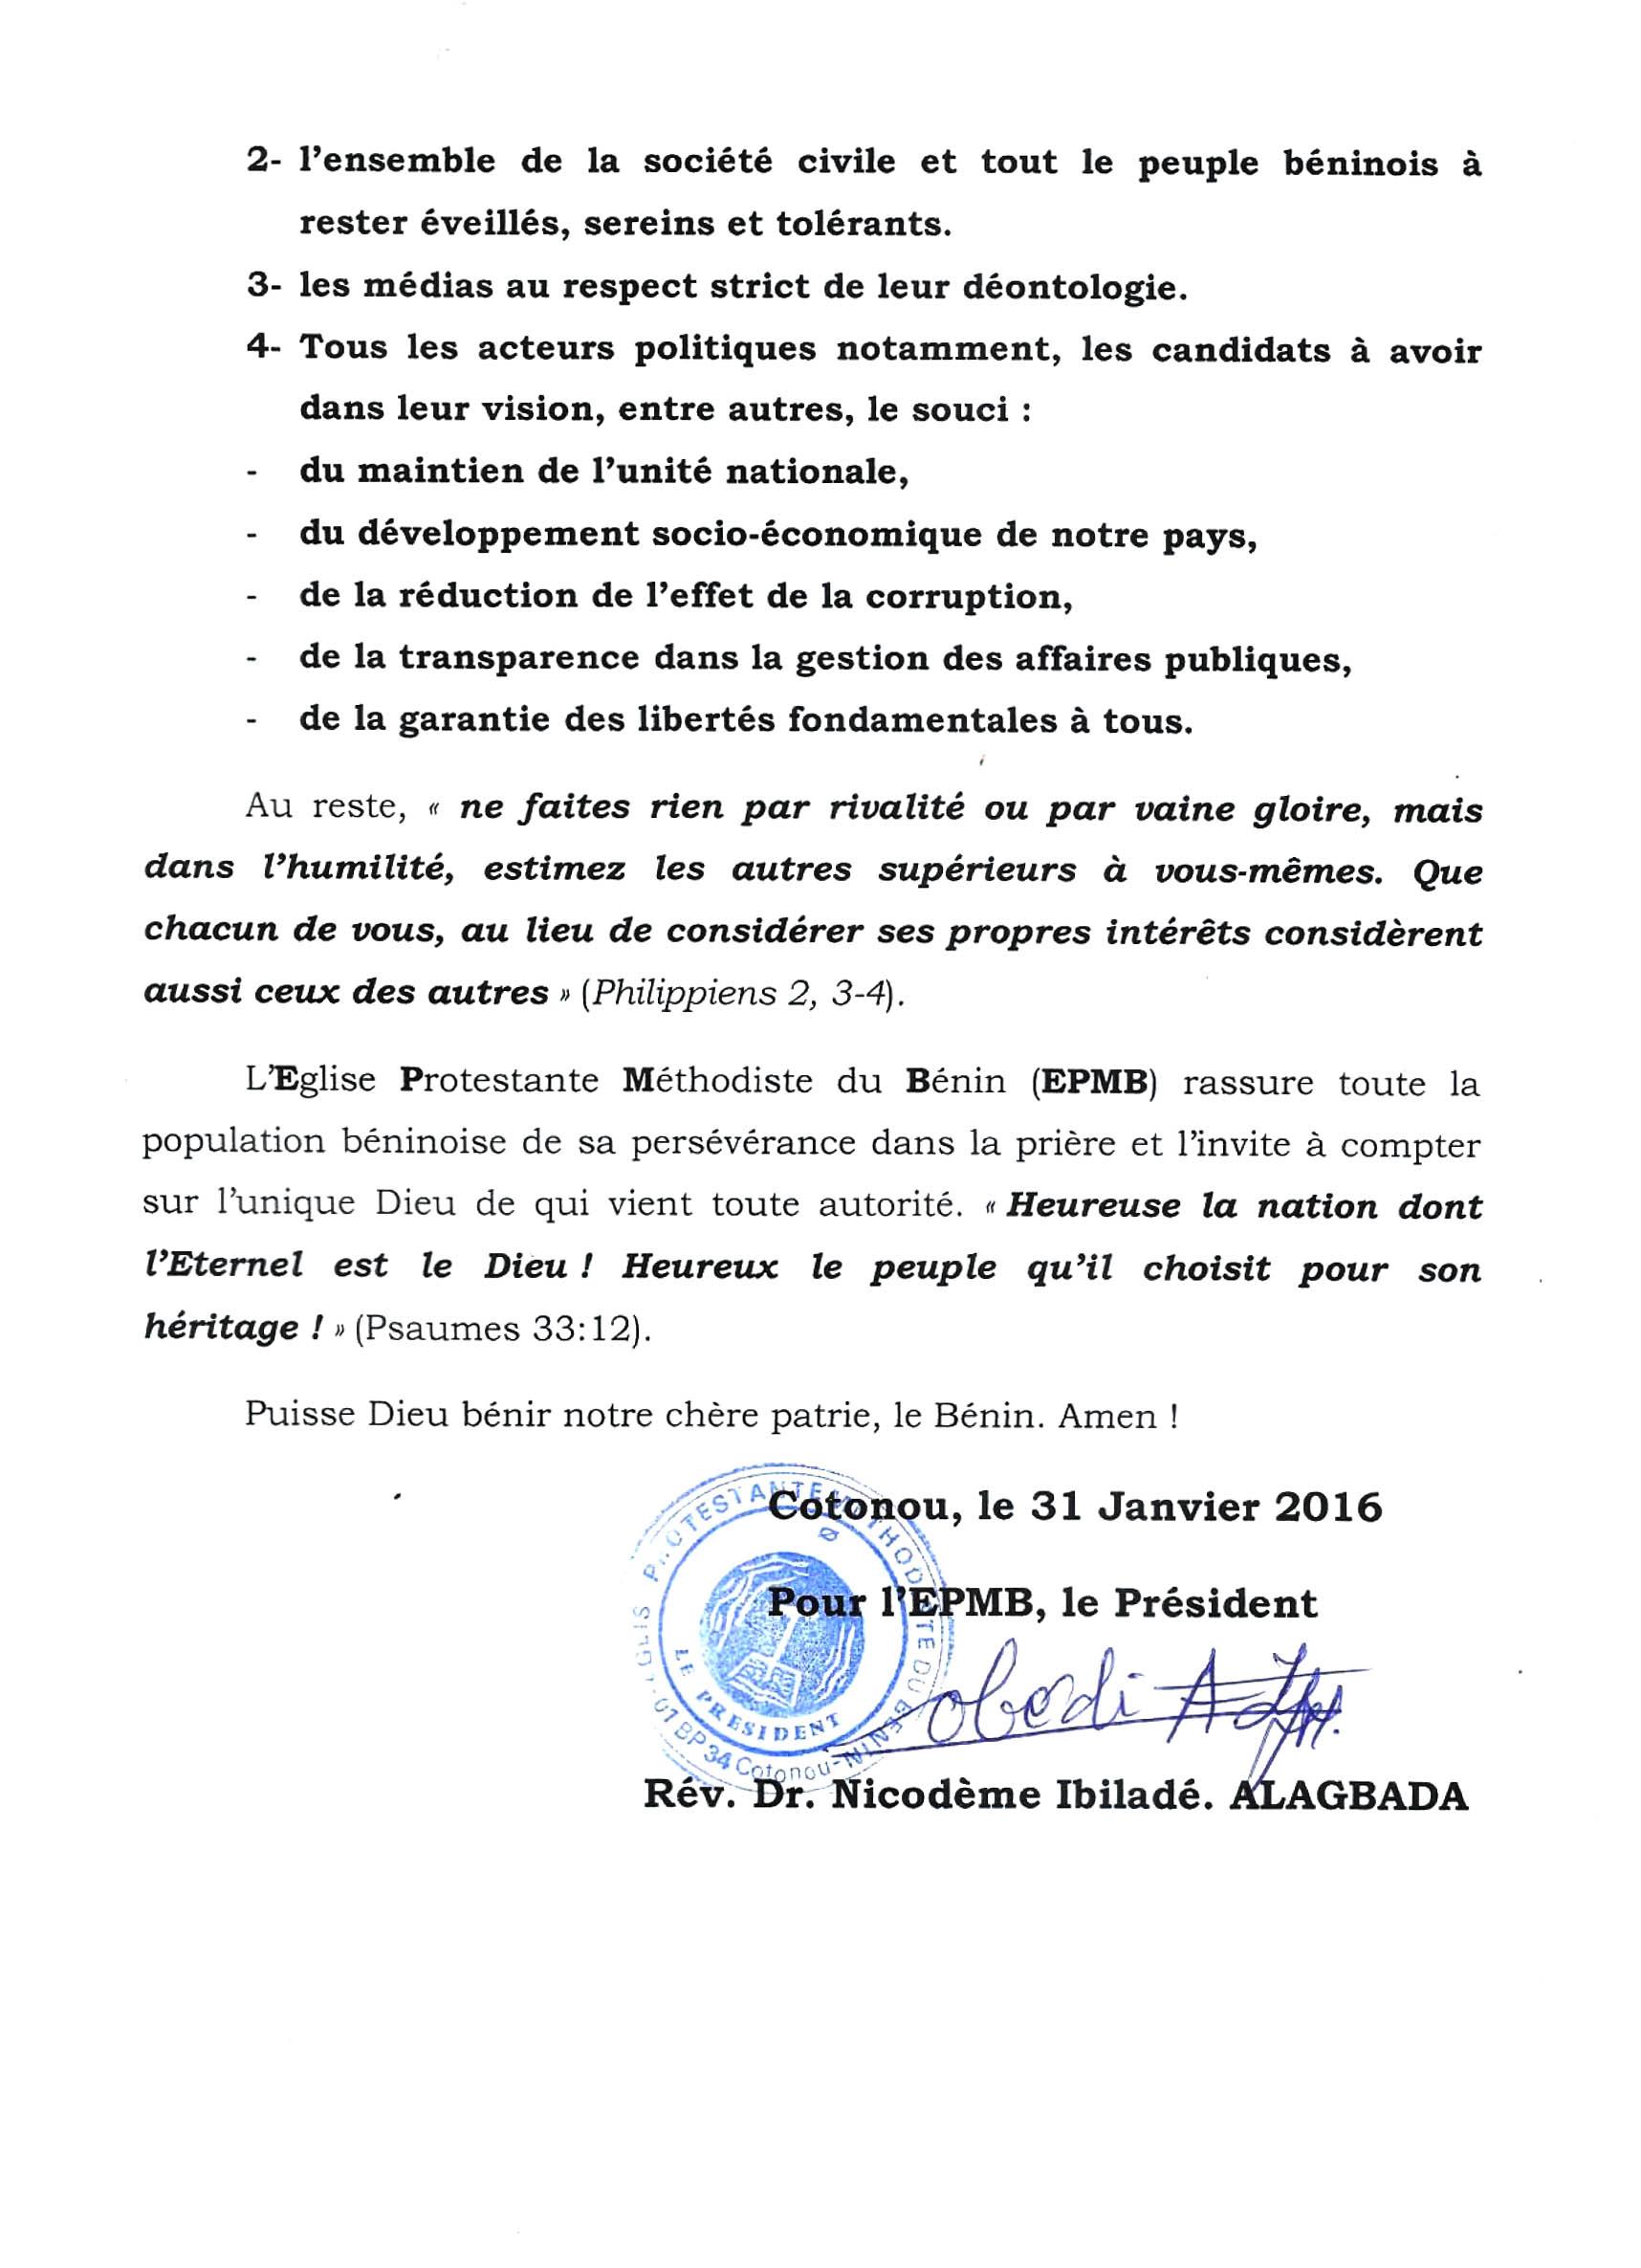 Déclaration du synode, 2, DR